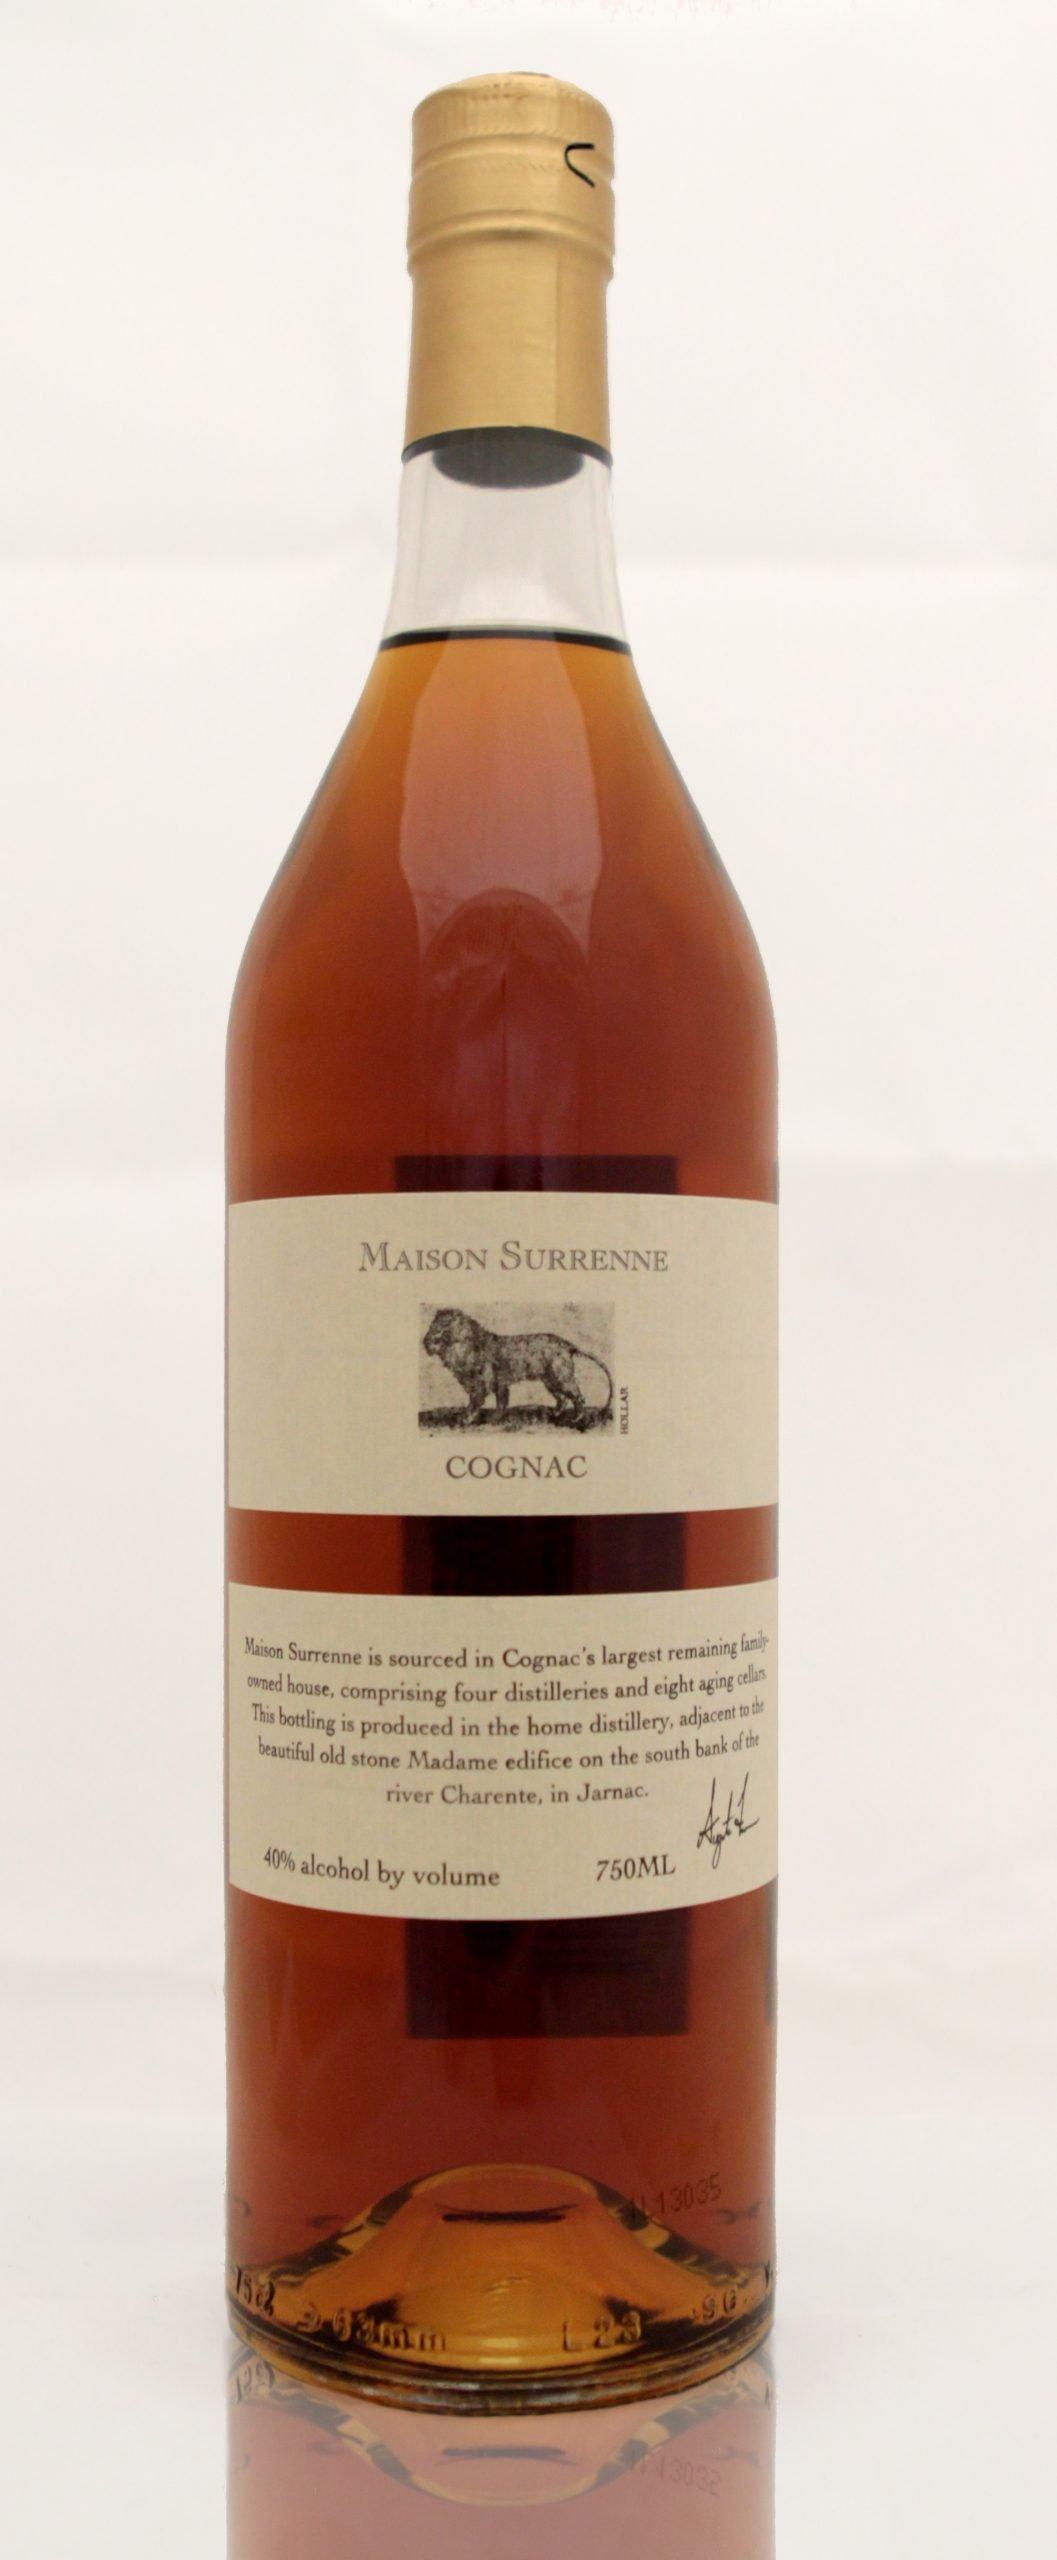 Maison Surrenne Cognac VSOP